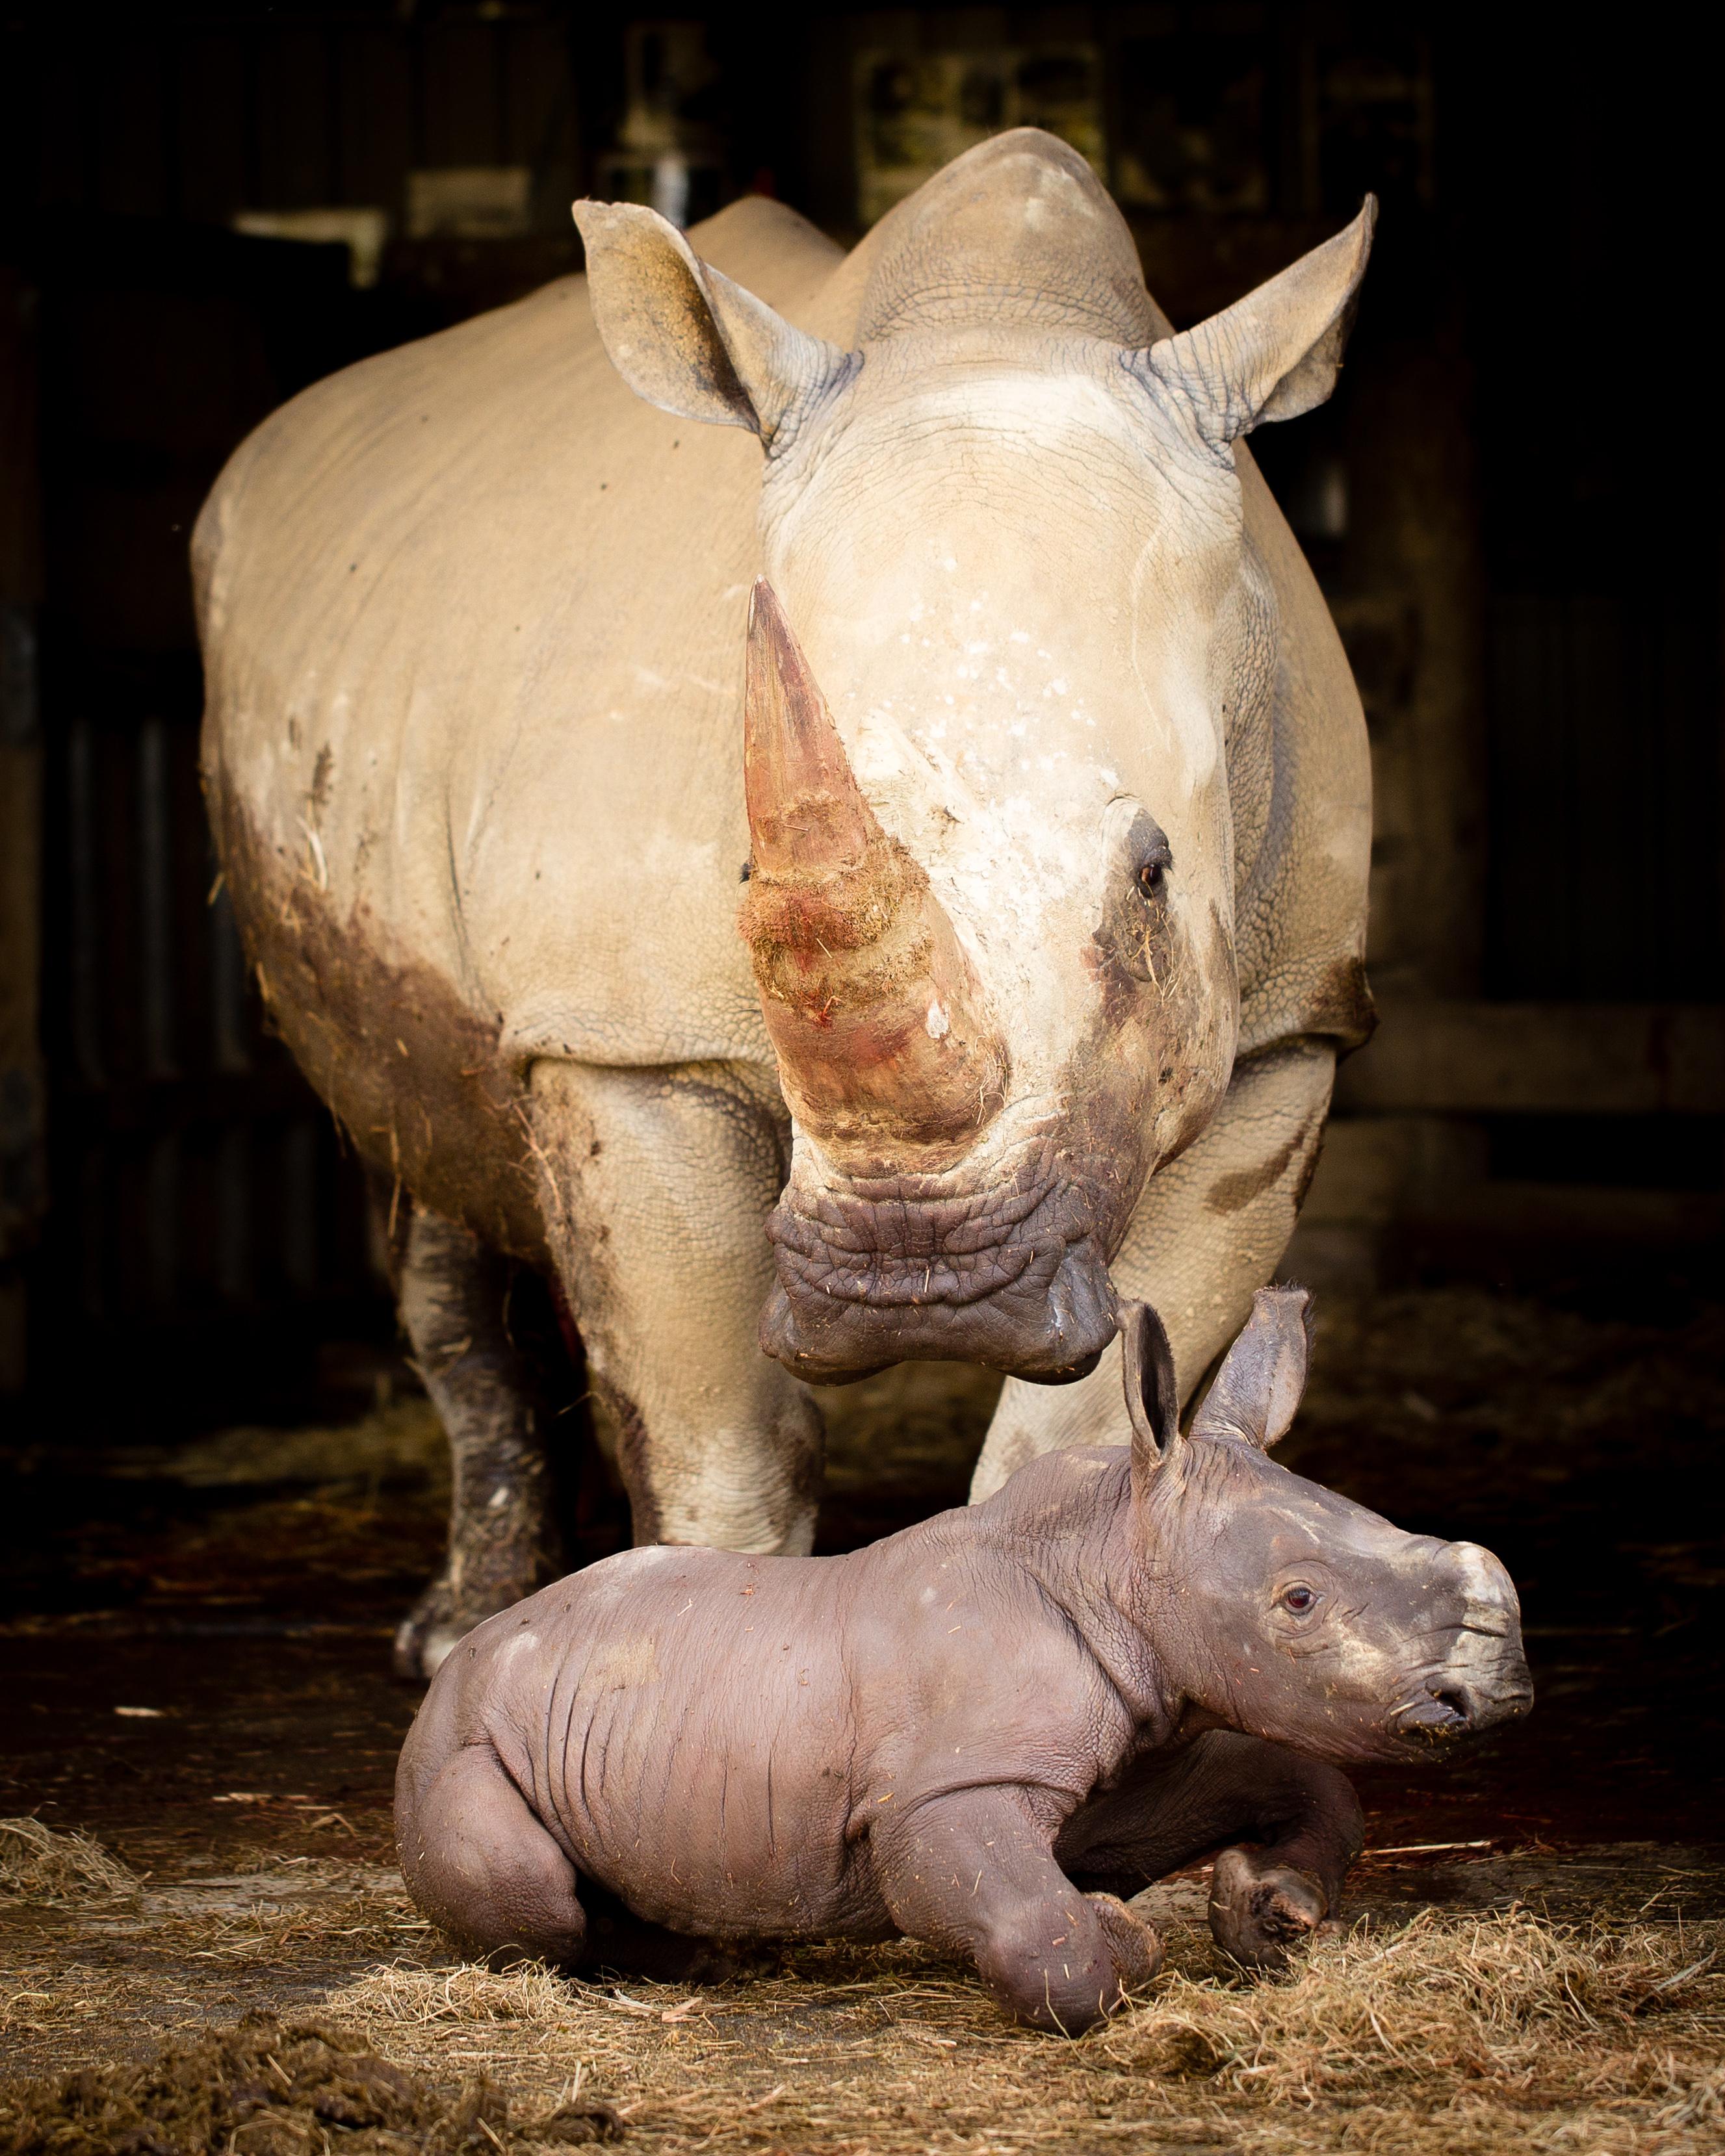 Nuova Zelanda, ecco un baby rinoceronte bianco del Sud